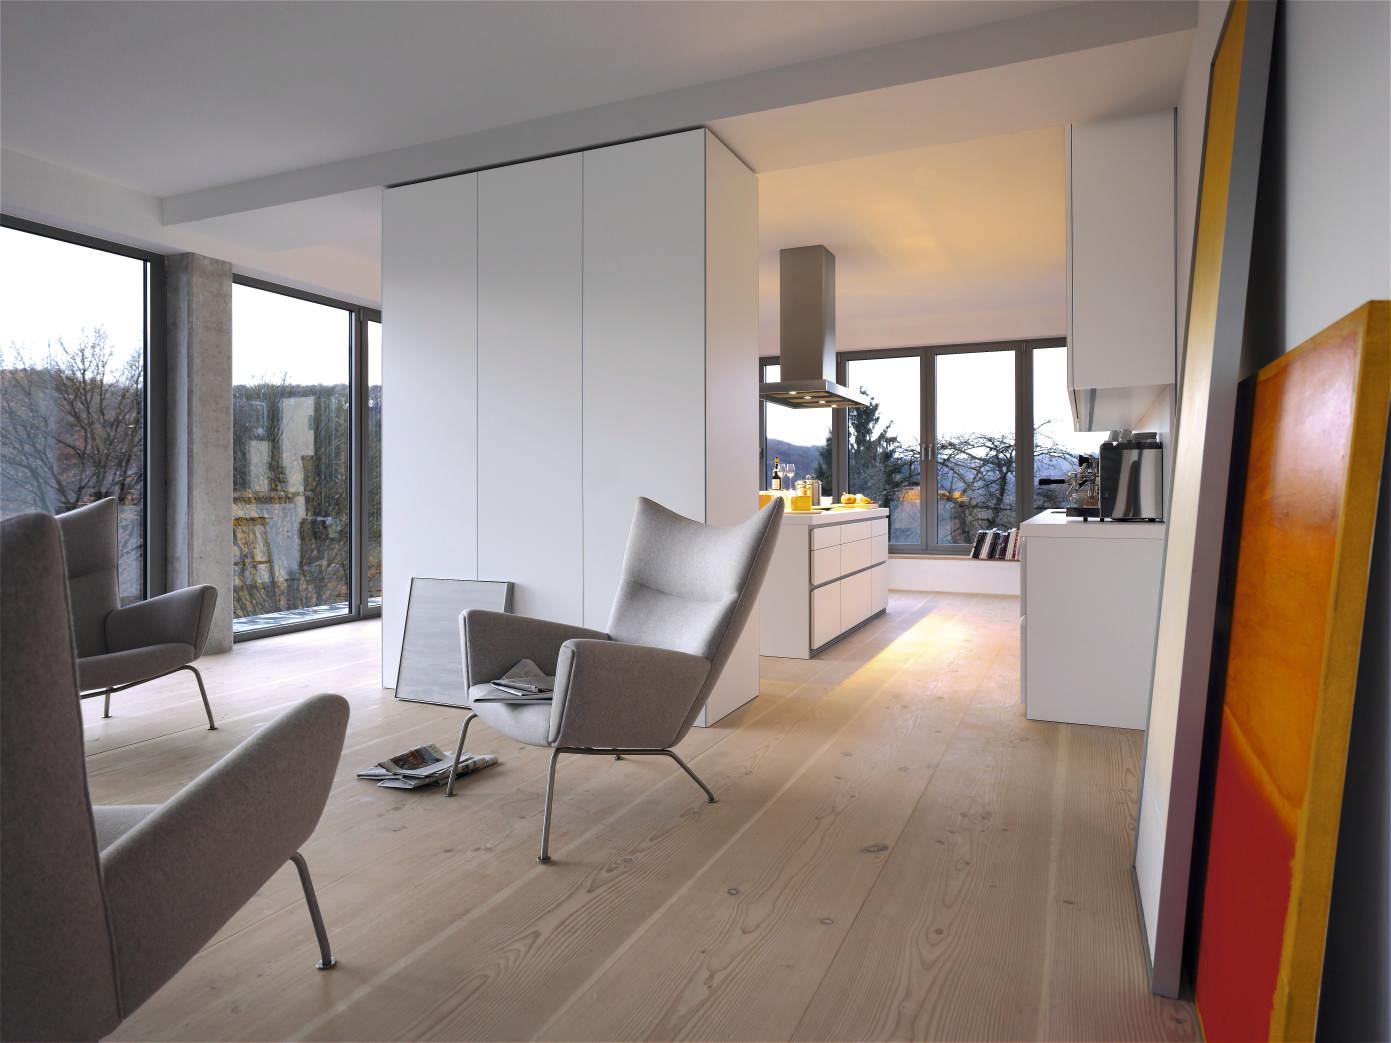 waarom geen keuken van bulthaup wonen informatie site. Black Bedroom Furniture Sets. Home Design Ideas